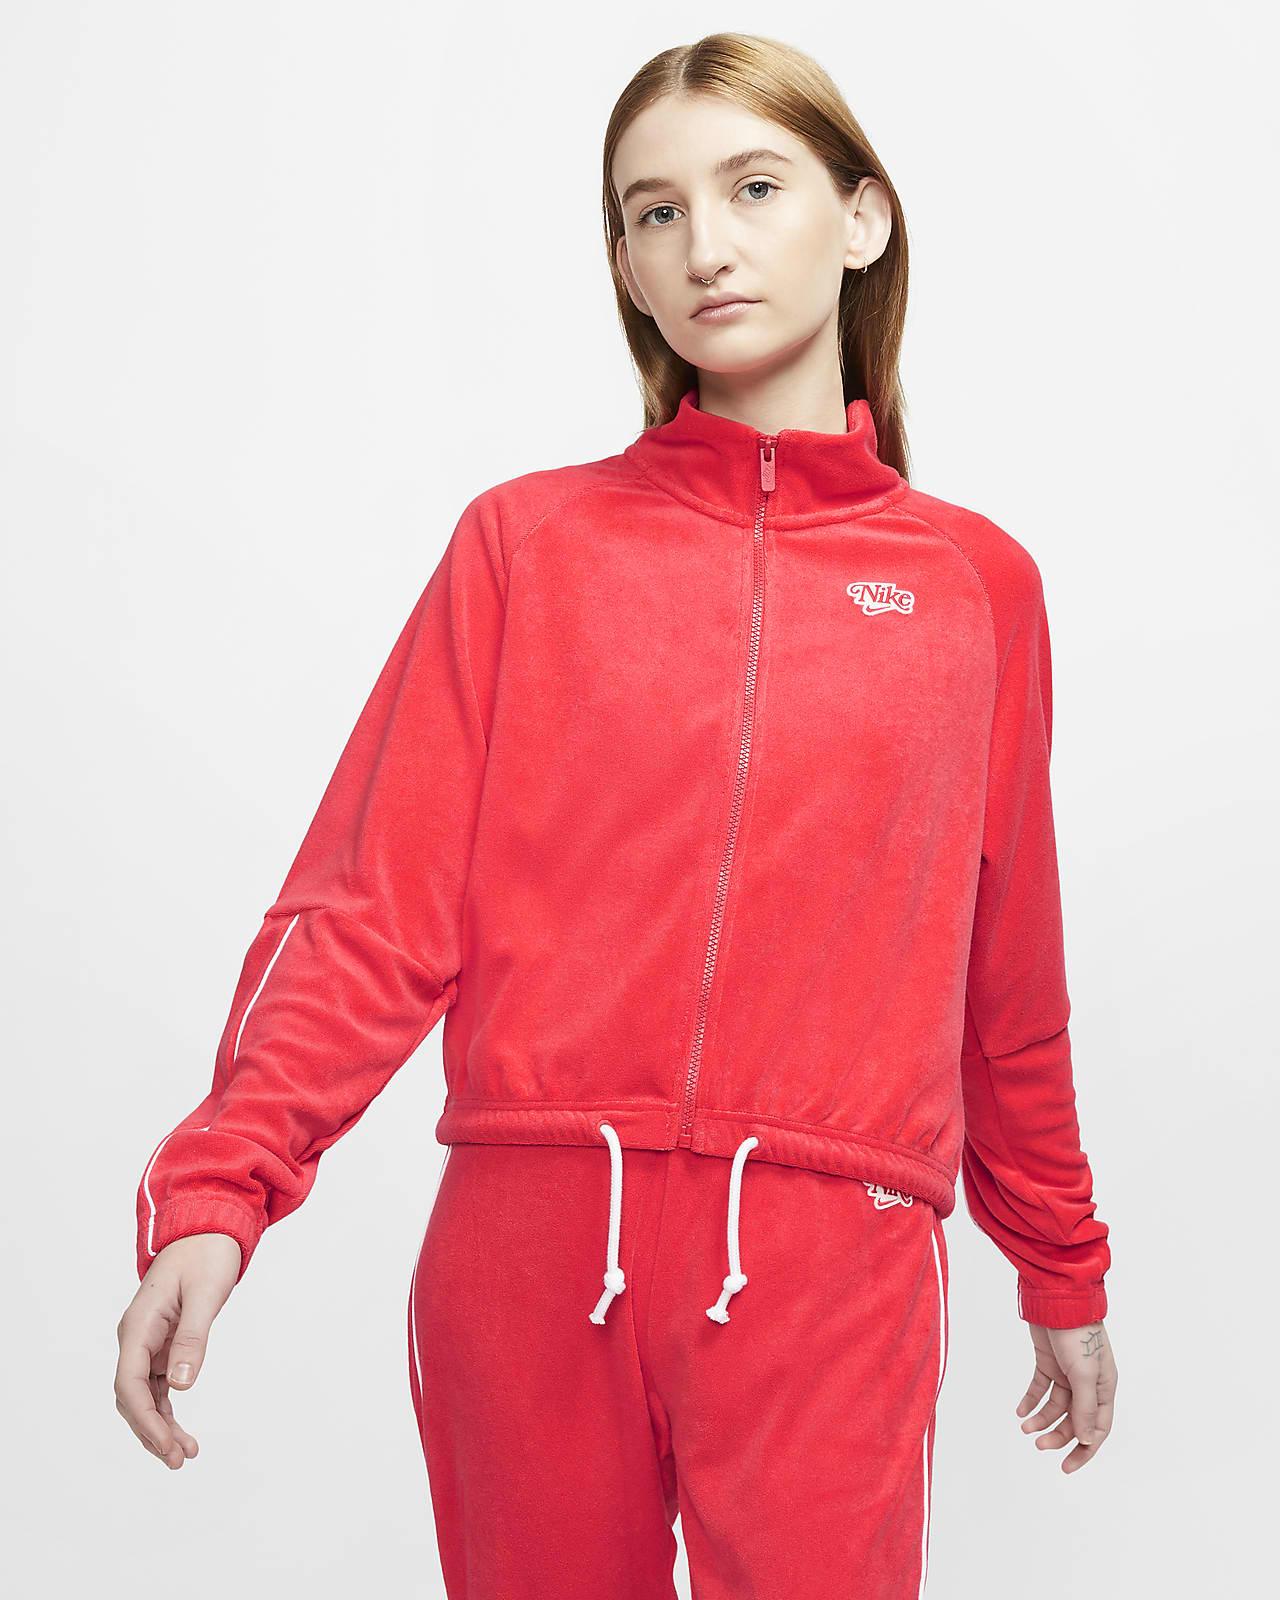 Nike Sportswear Women's Full-Zip Jacket